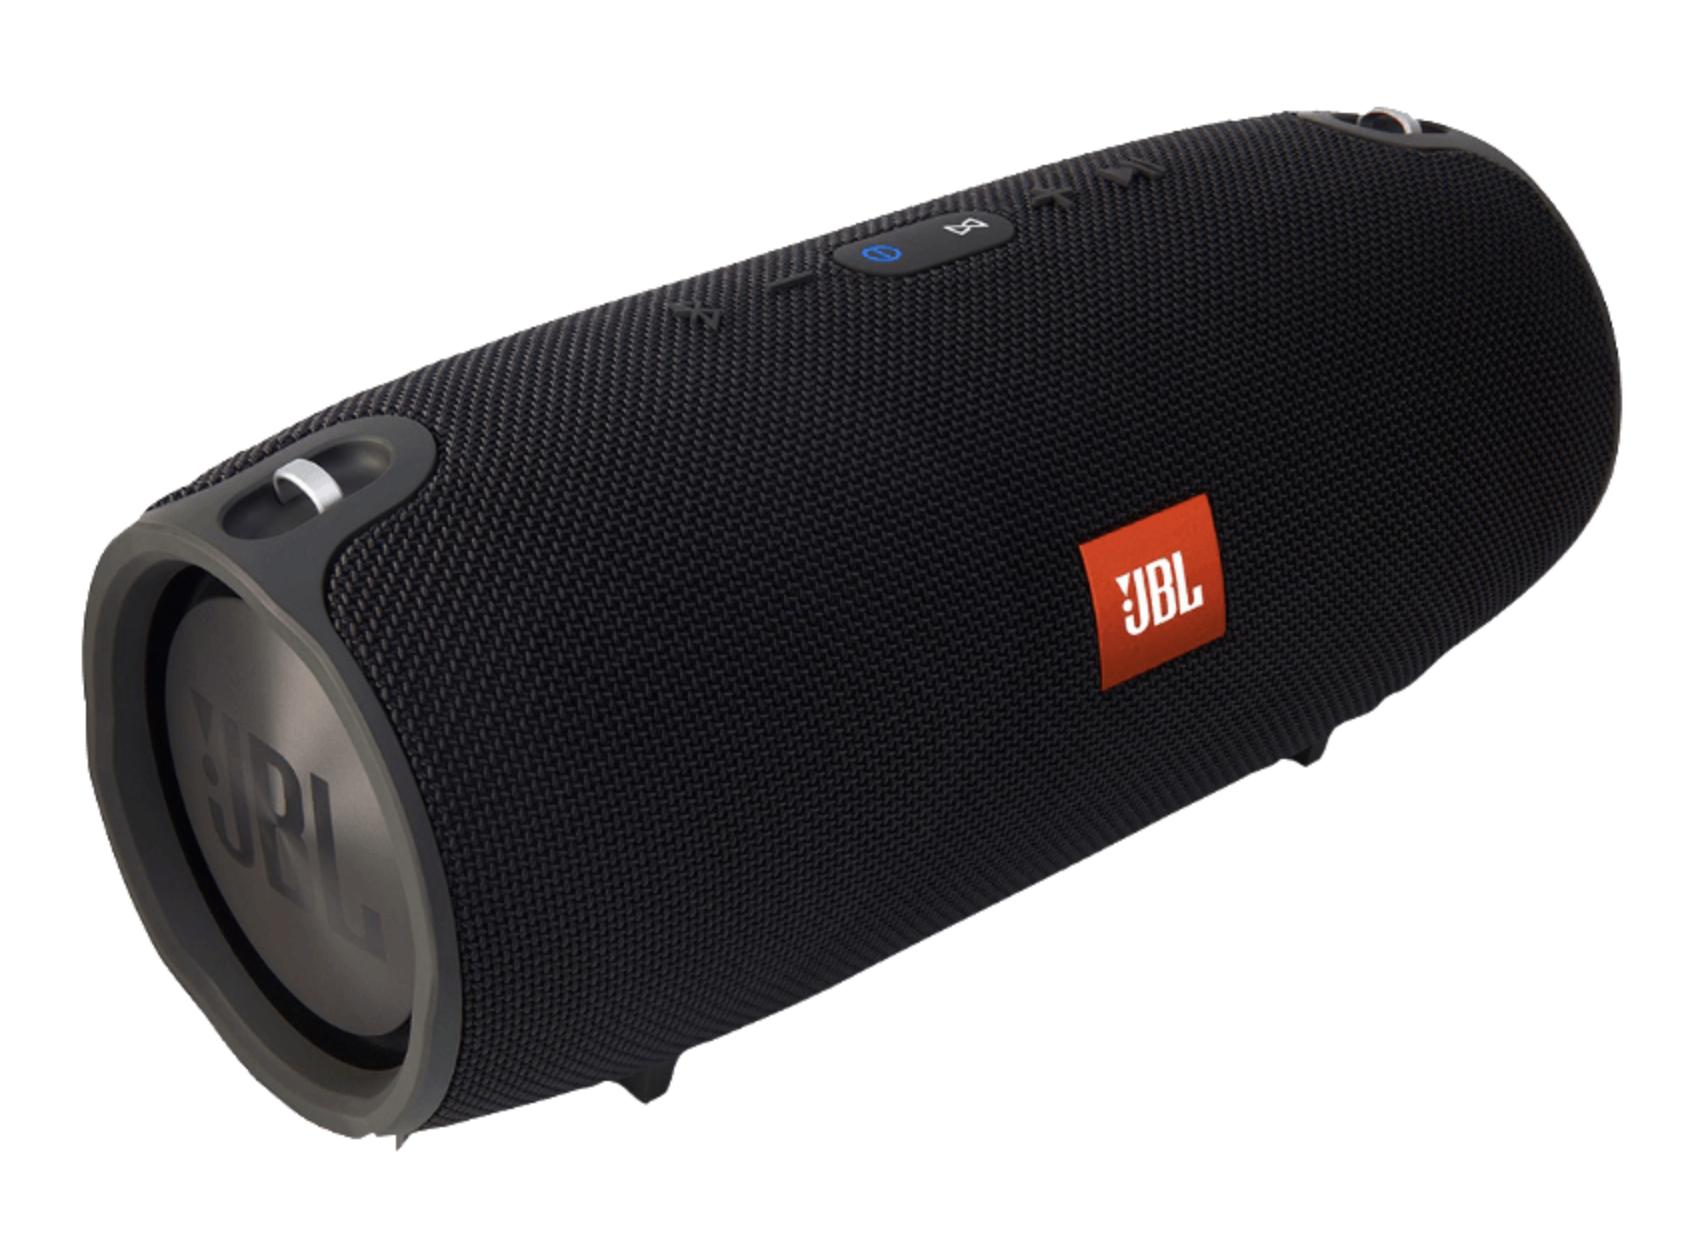 JBL Xtreme Bluetooth Lautsprecher für nur 139,- Euro inkl. Versand